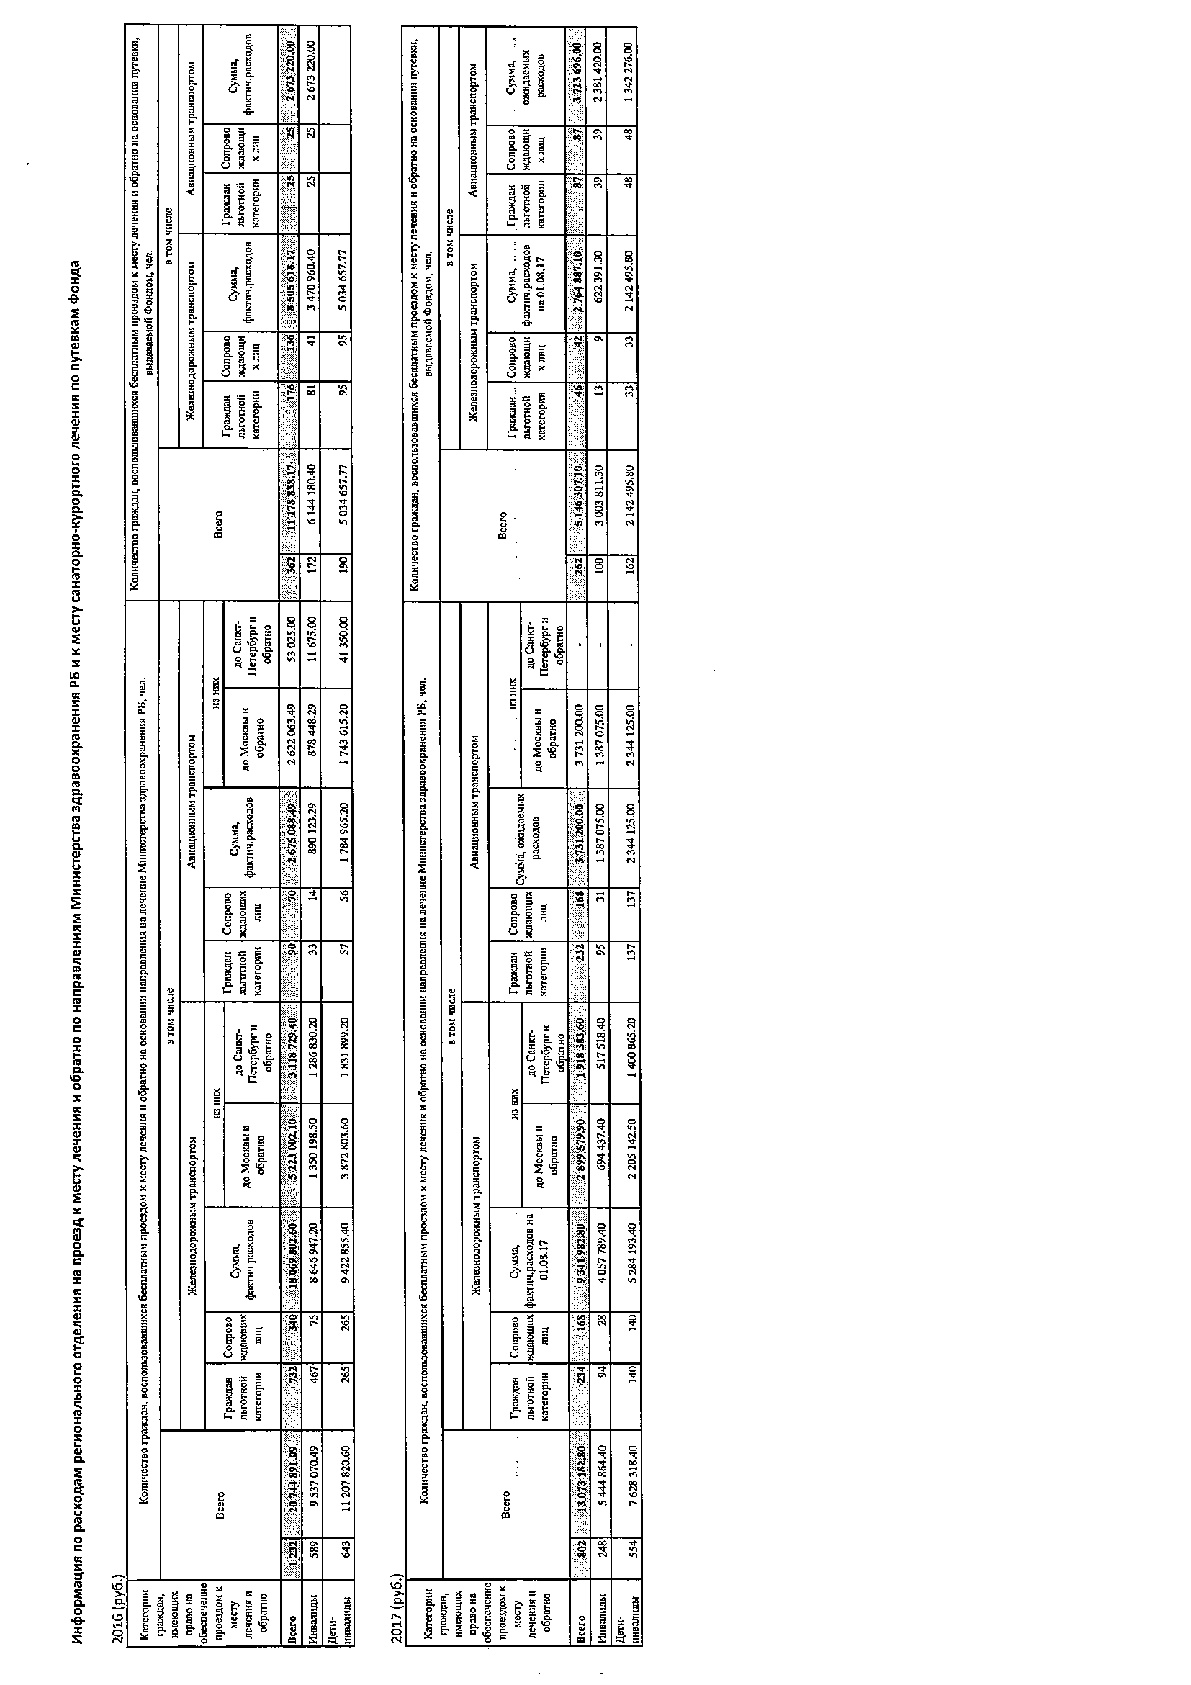 DOC-4kab-093-005